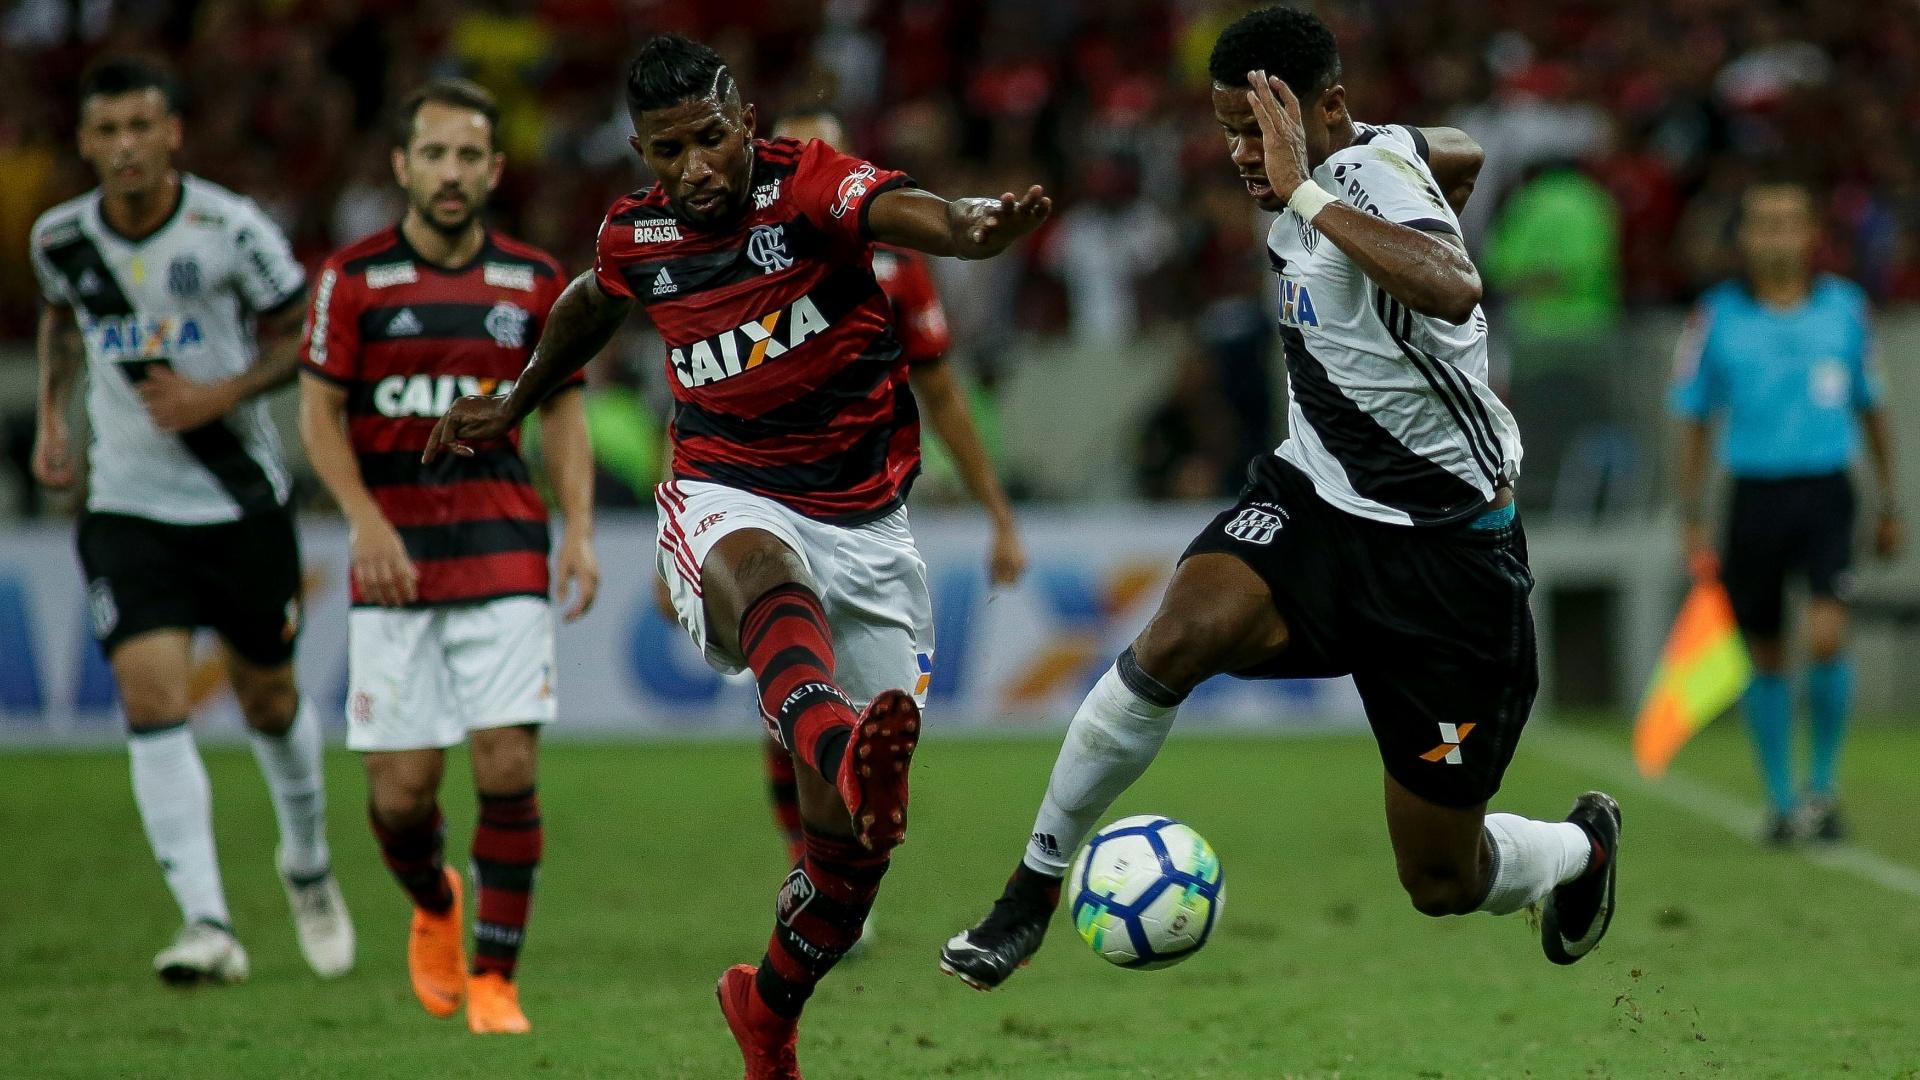 Rodinei e Júnior Santos disputam a bola no jogo entre Flamengo e Ponte Preta